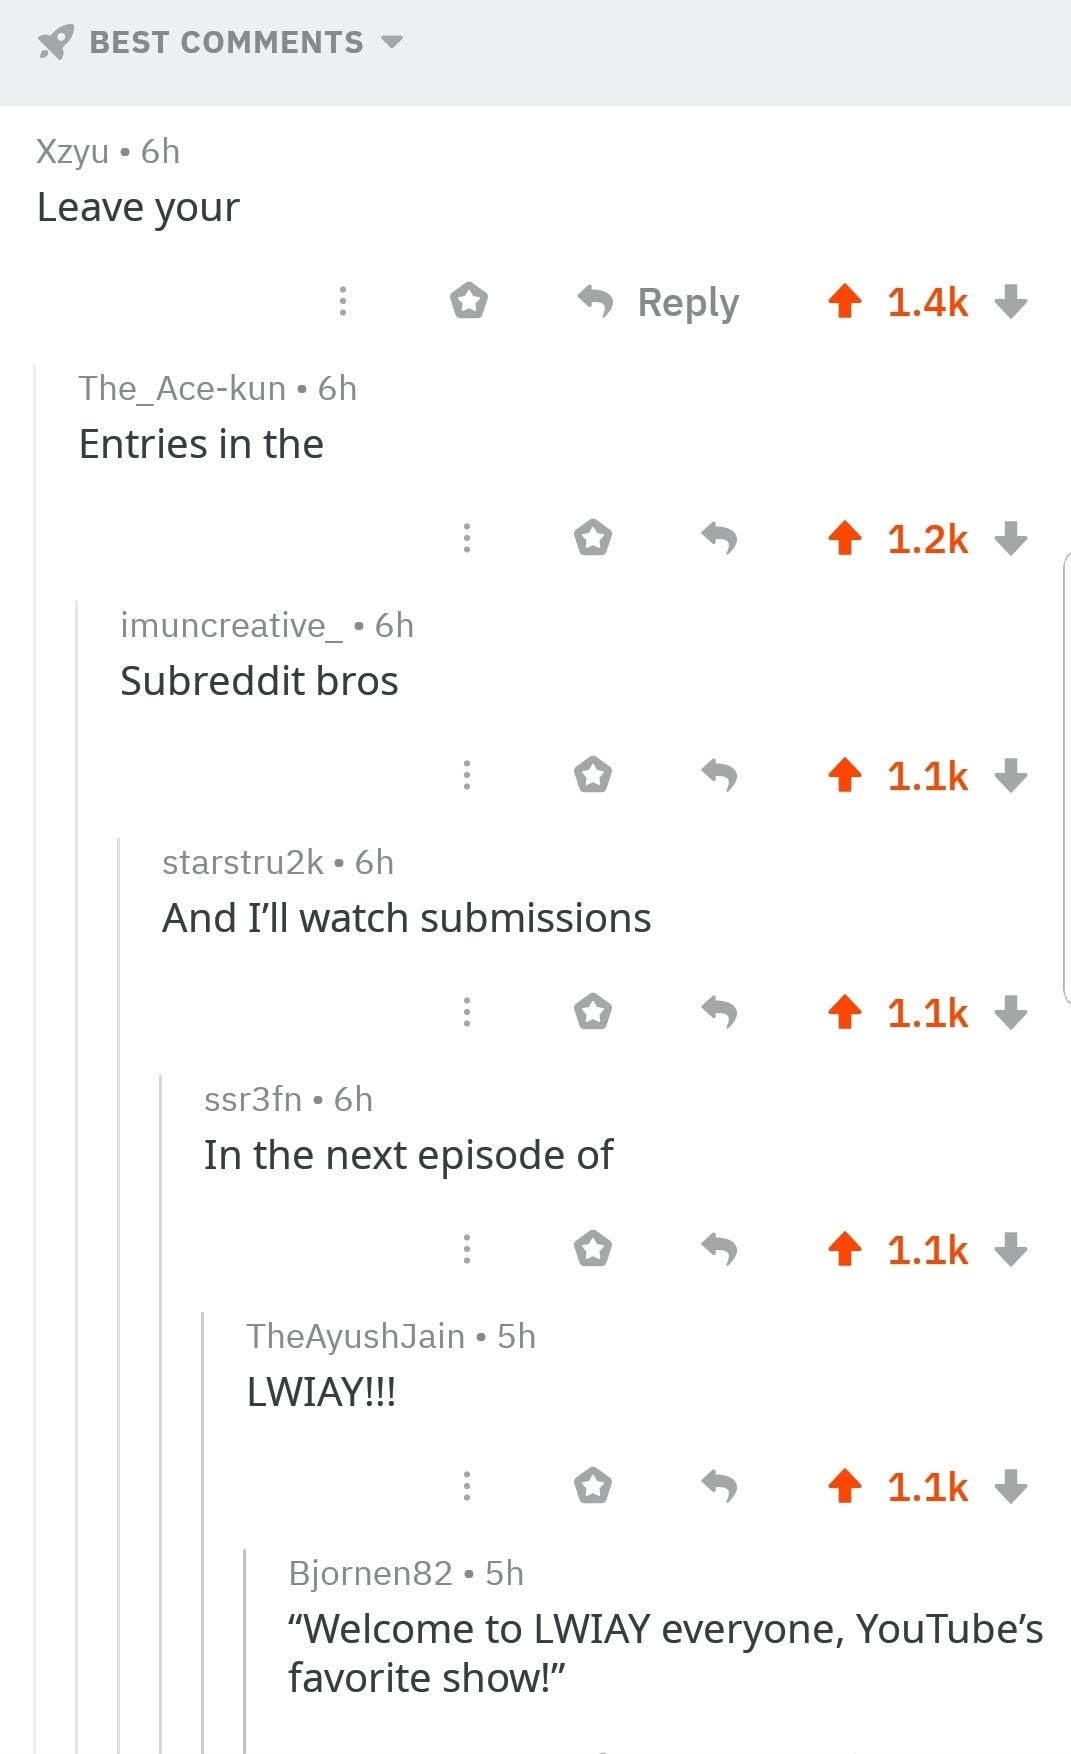 I'm so proud of this community - meme